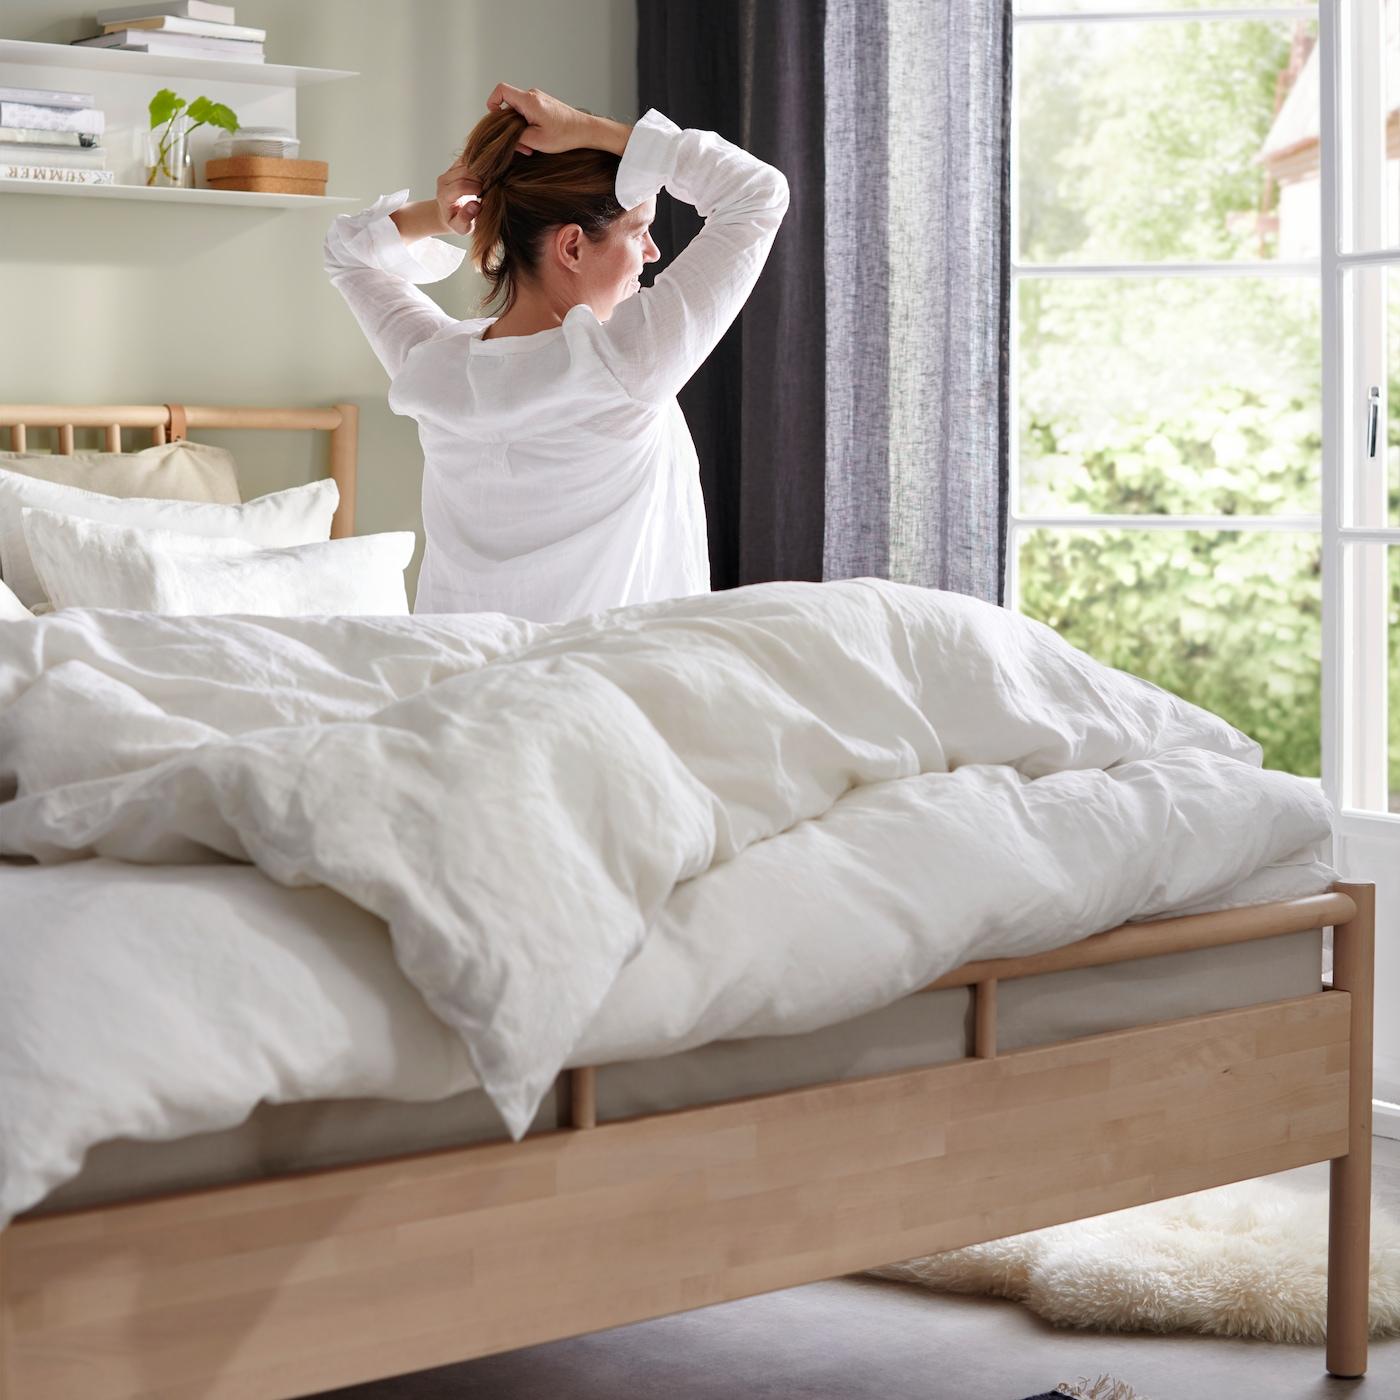 BJÖRKSNÄS säng står vid en öppen balkongdörr bäddad i vitt.